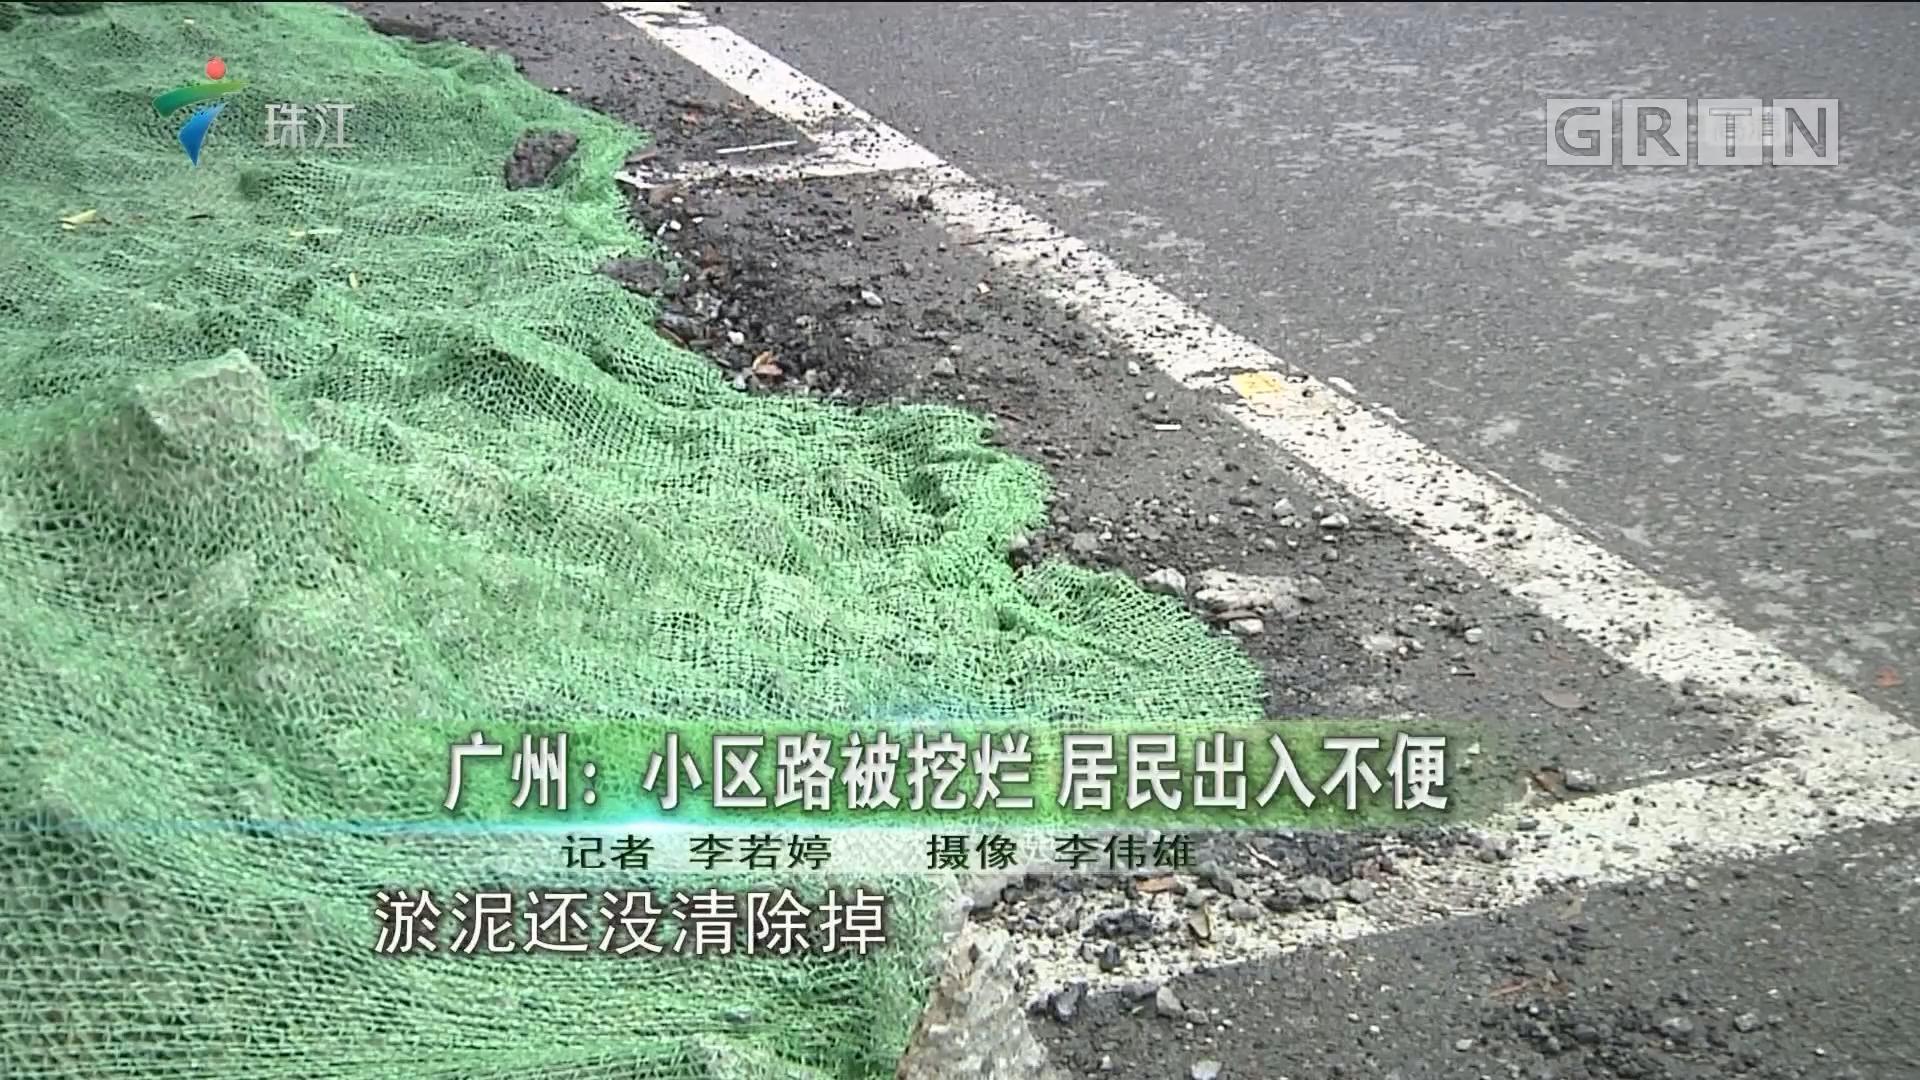 广州:小区路被挖烂 居民出入不便